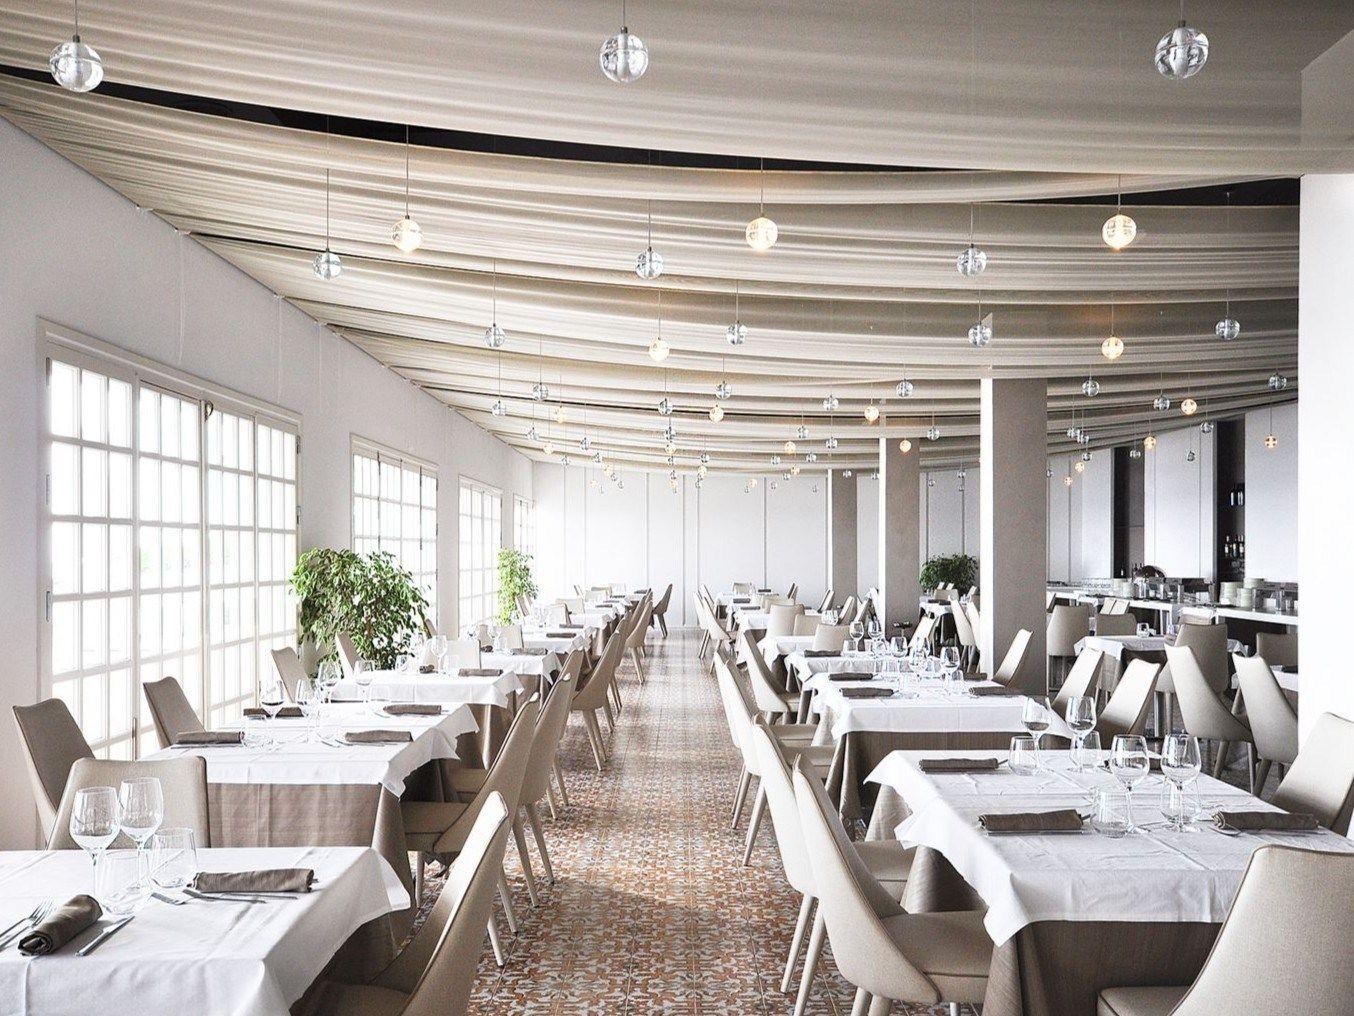 Architettura e ospitalità: la nuova vita del Grand Hotel Riviera